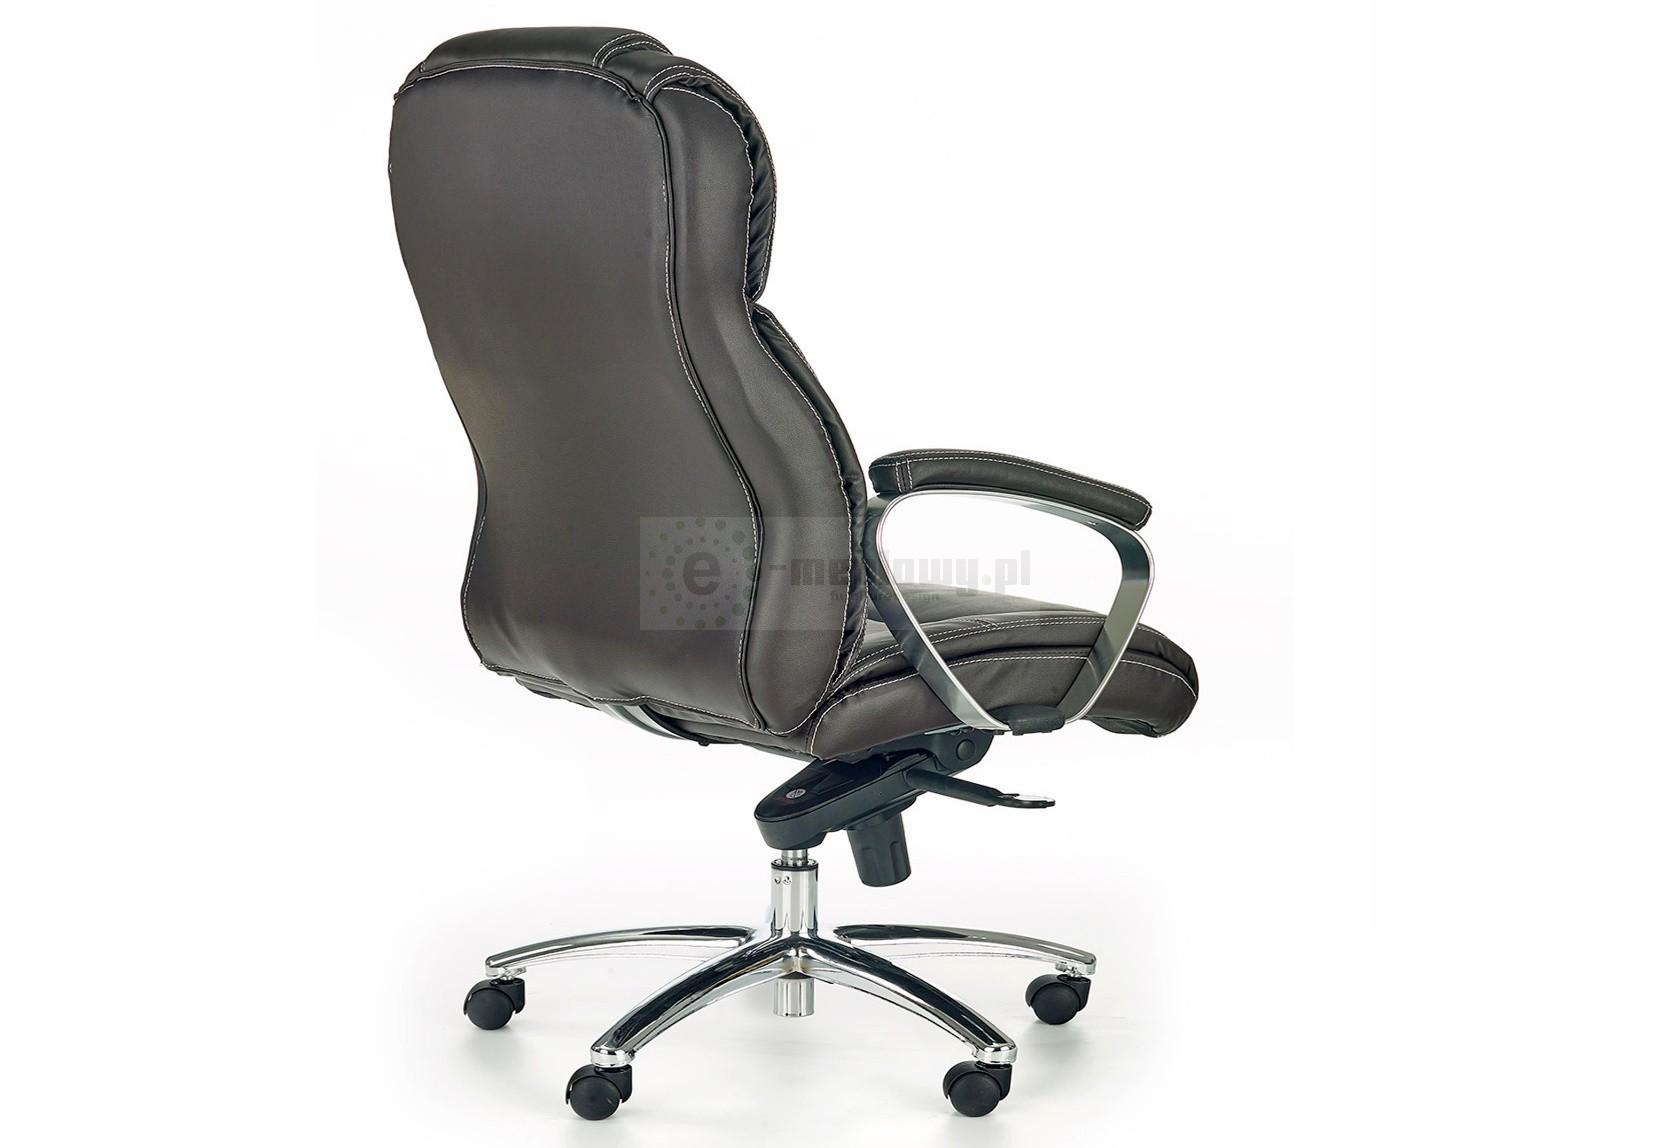 Skórzany fotel gabinetowy Foster, Fotel biurowy ze skóry Foster